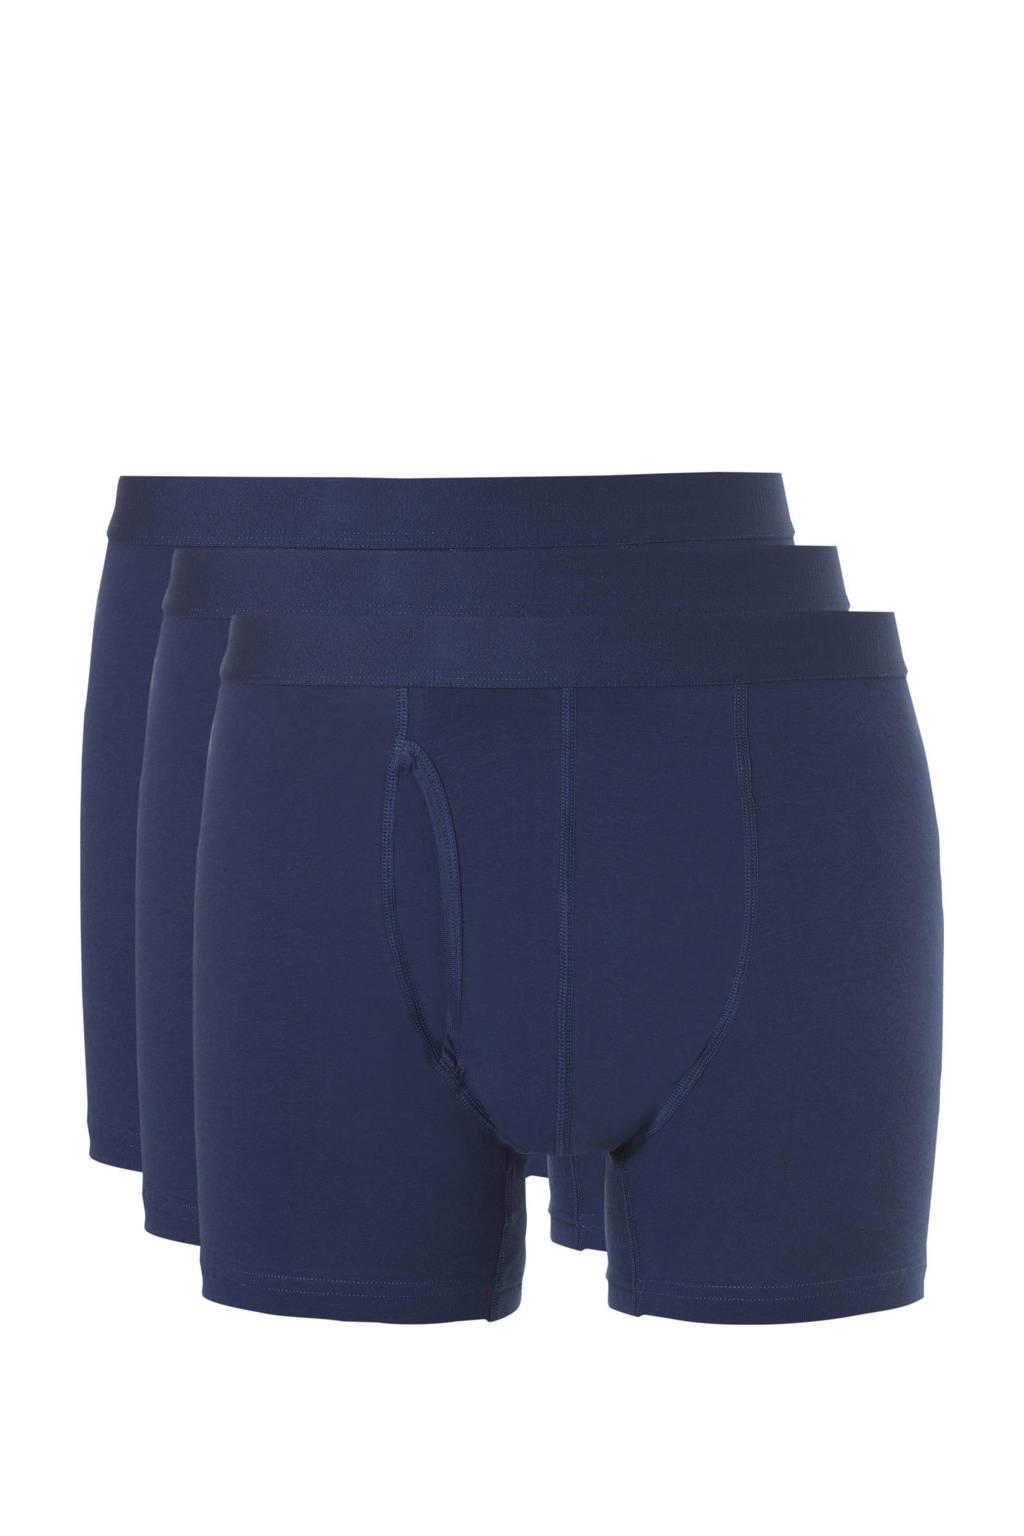 ten Cate Basic boxershort (set van 3), Donkerblauw